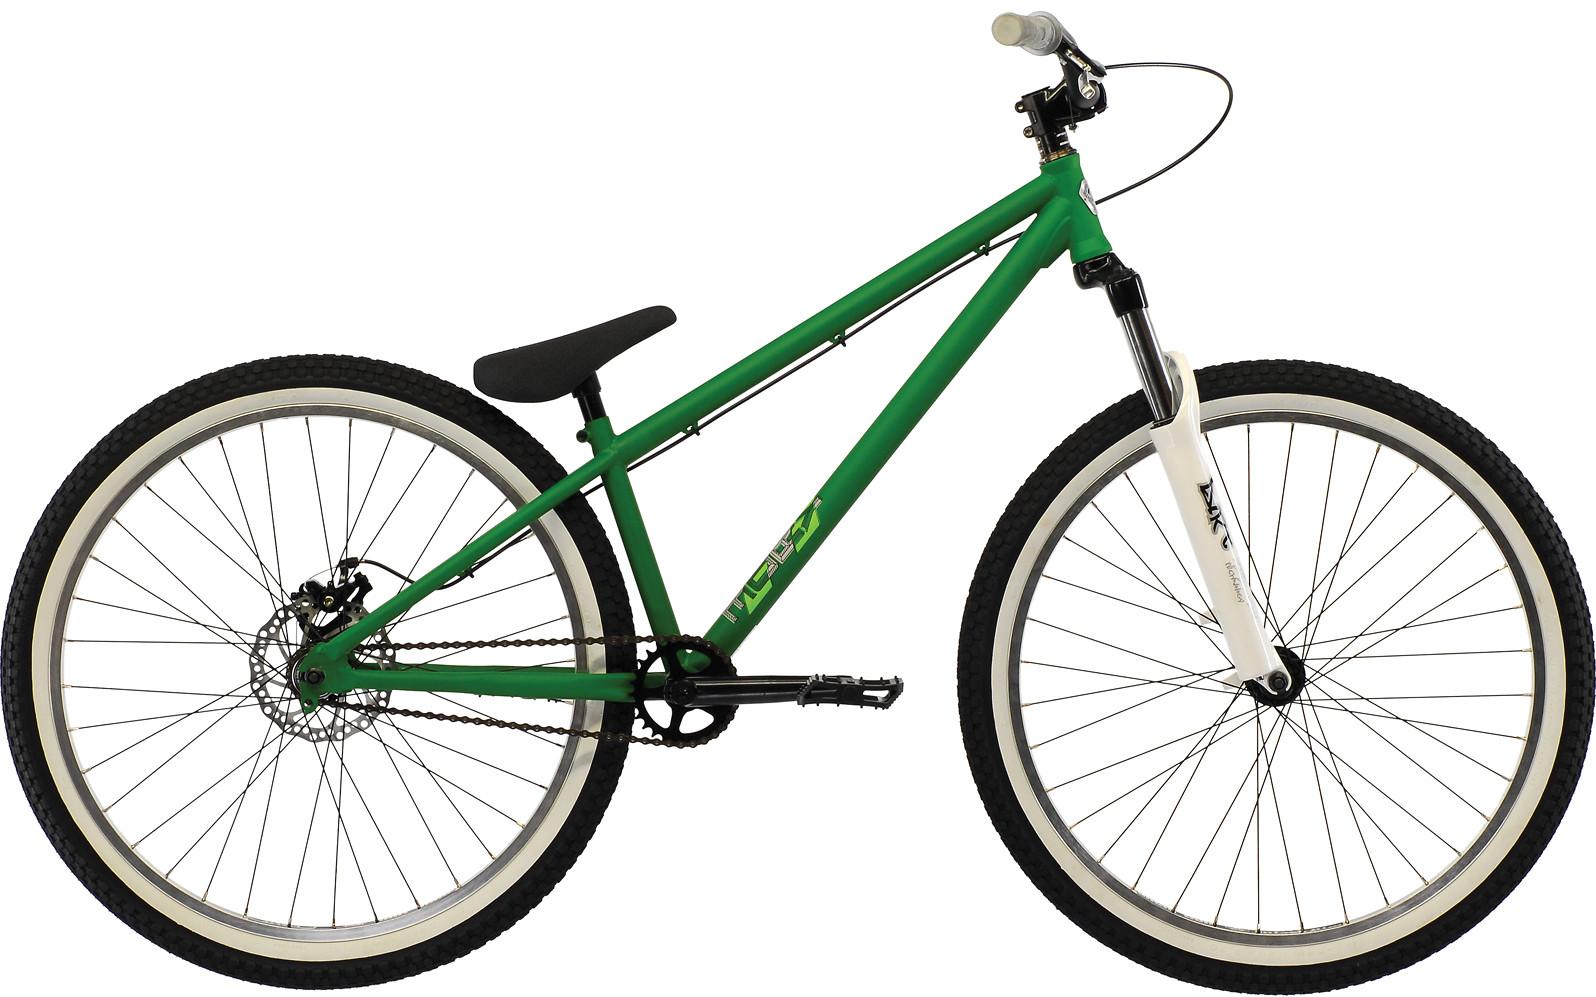 2013 Norco Ryde 26 Bike Reviews Comparisons Specs